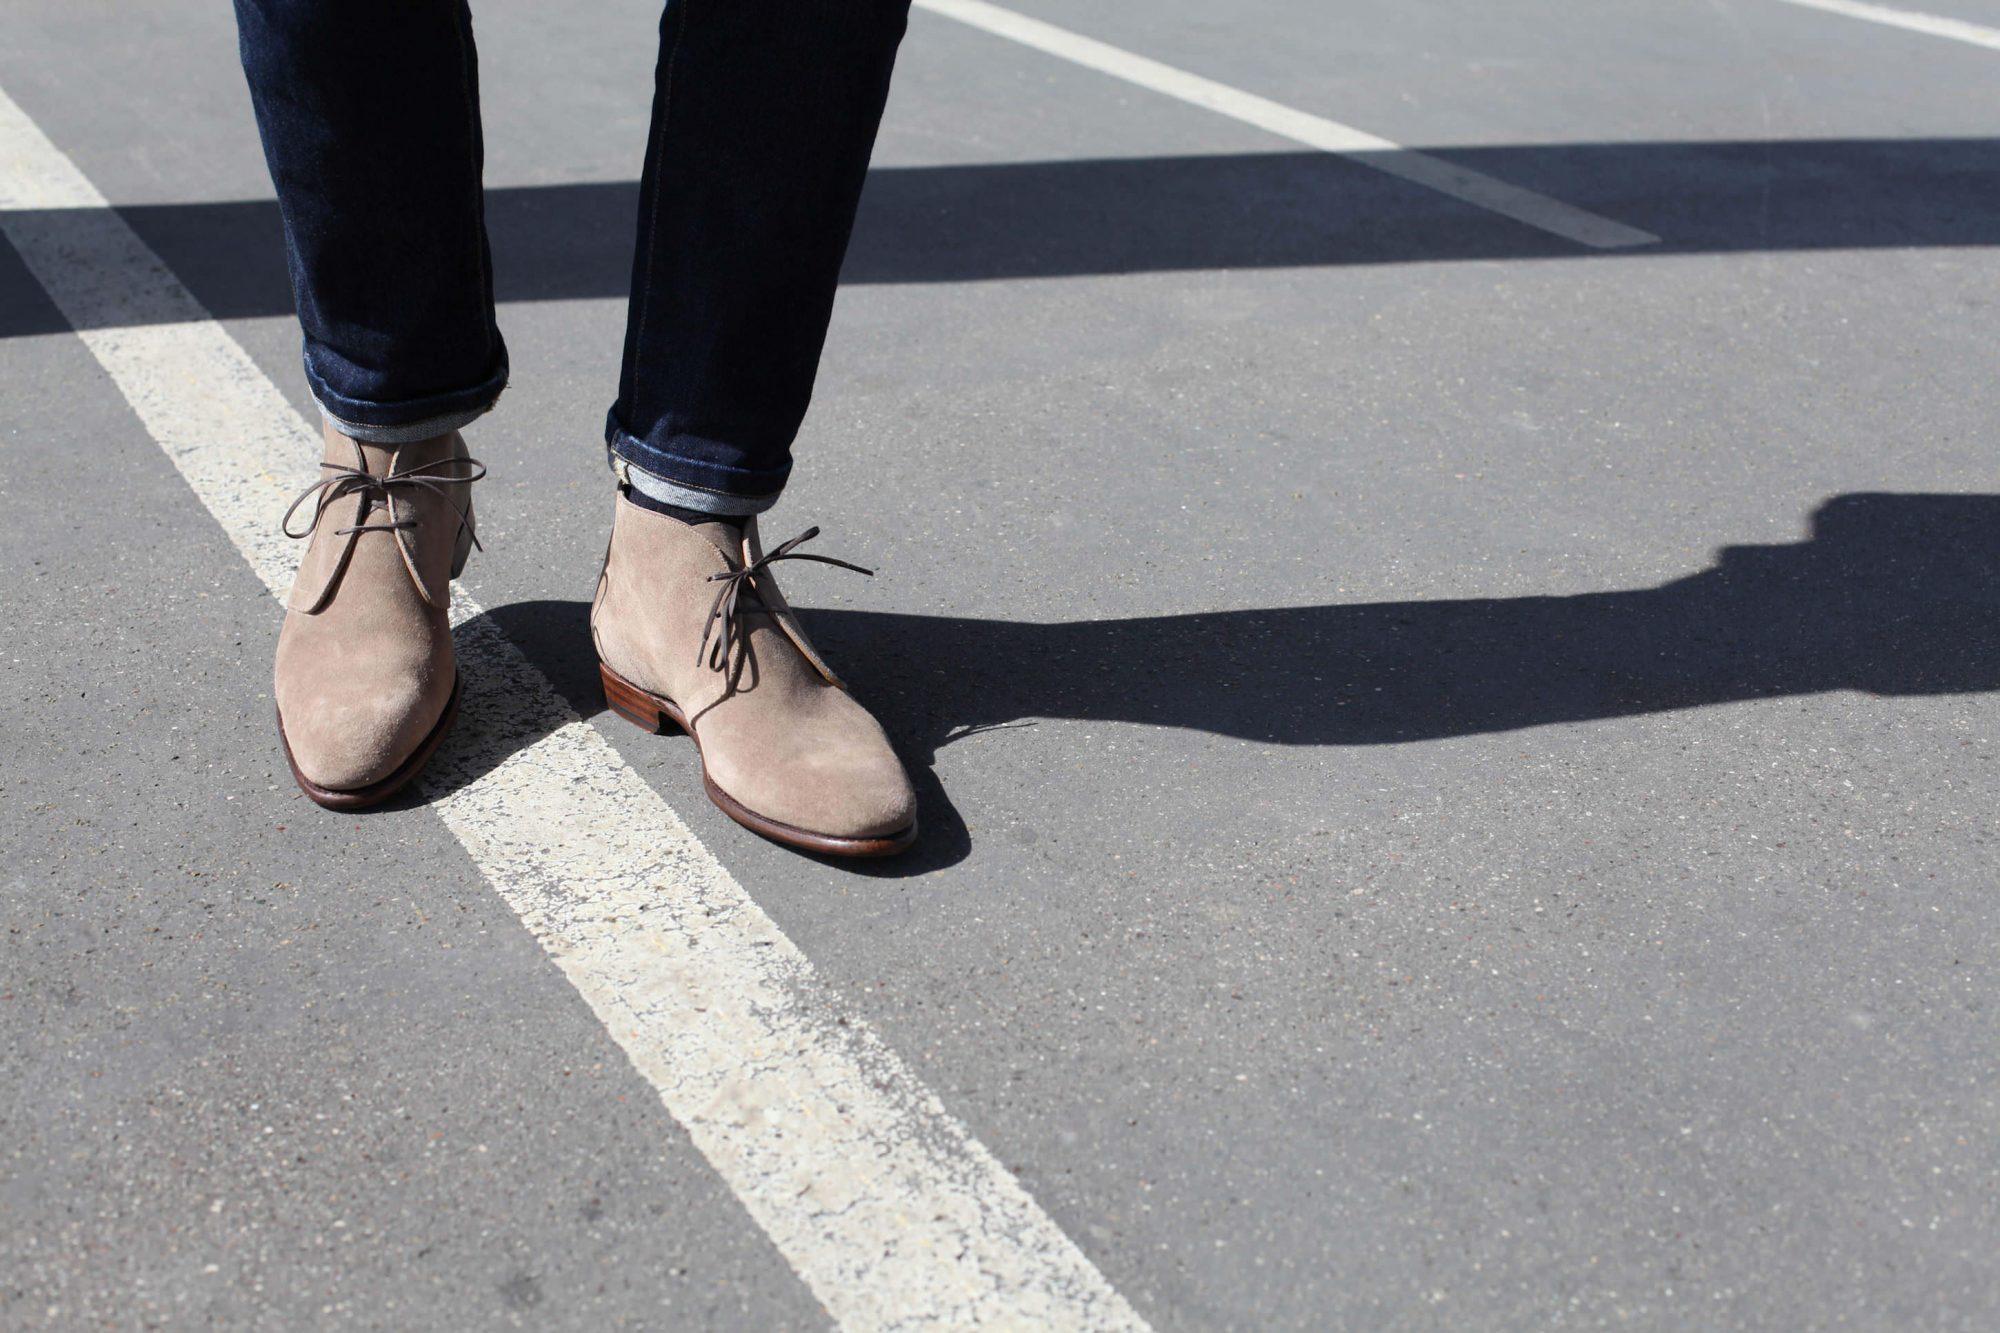 Comment nettoyer ses chaussures en cuir daim cuir nubuck cuir su de - Nettoyer des chaussures en daim ...